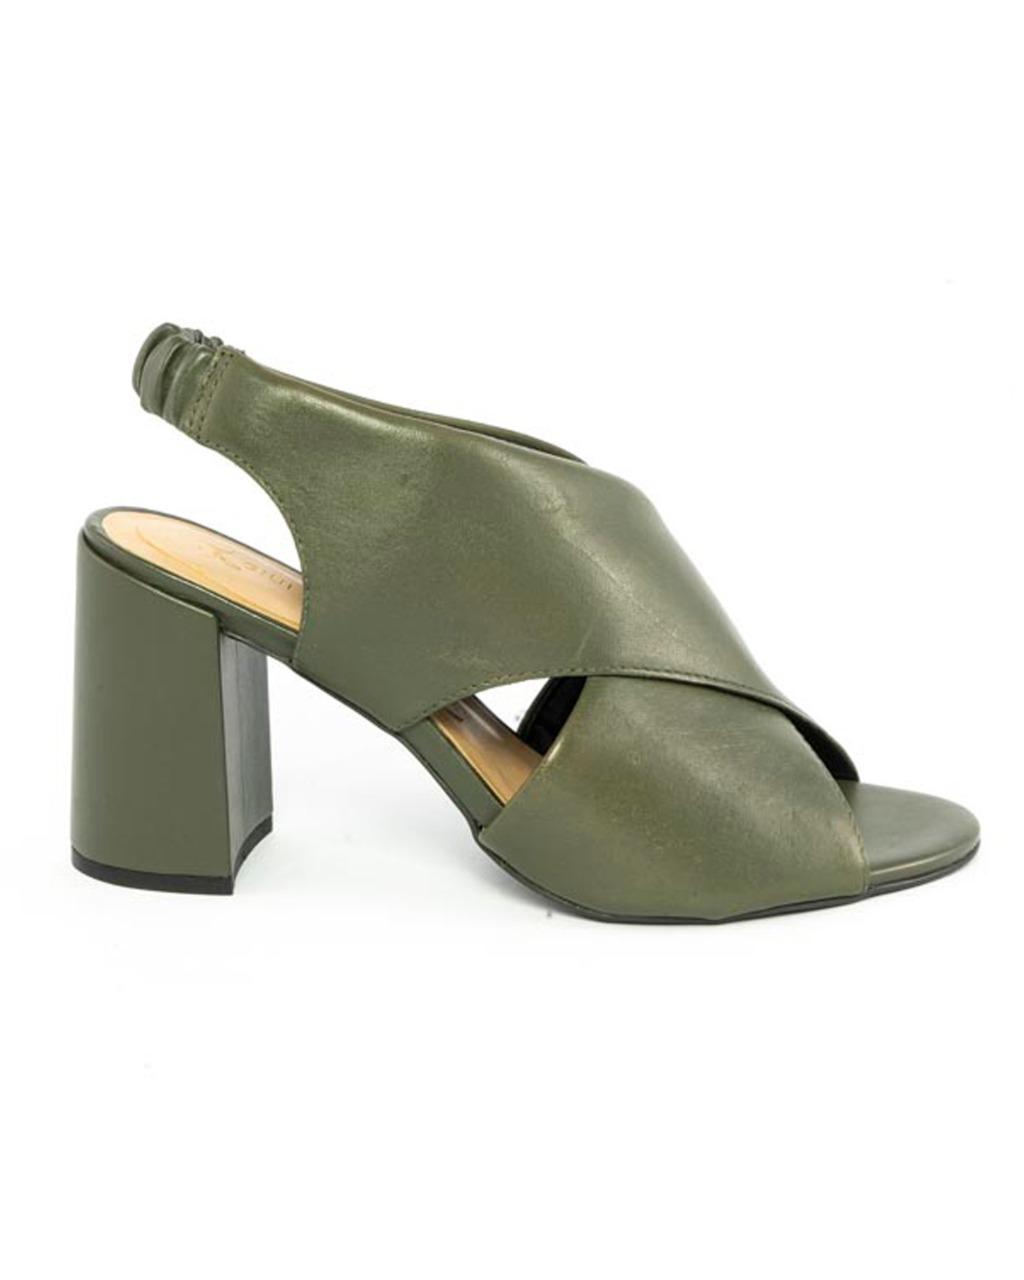 Sandália Ankle Tiras trançadas Couro Atanado Verde Musgo